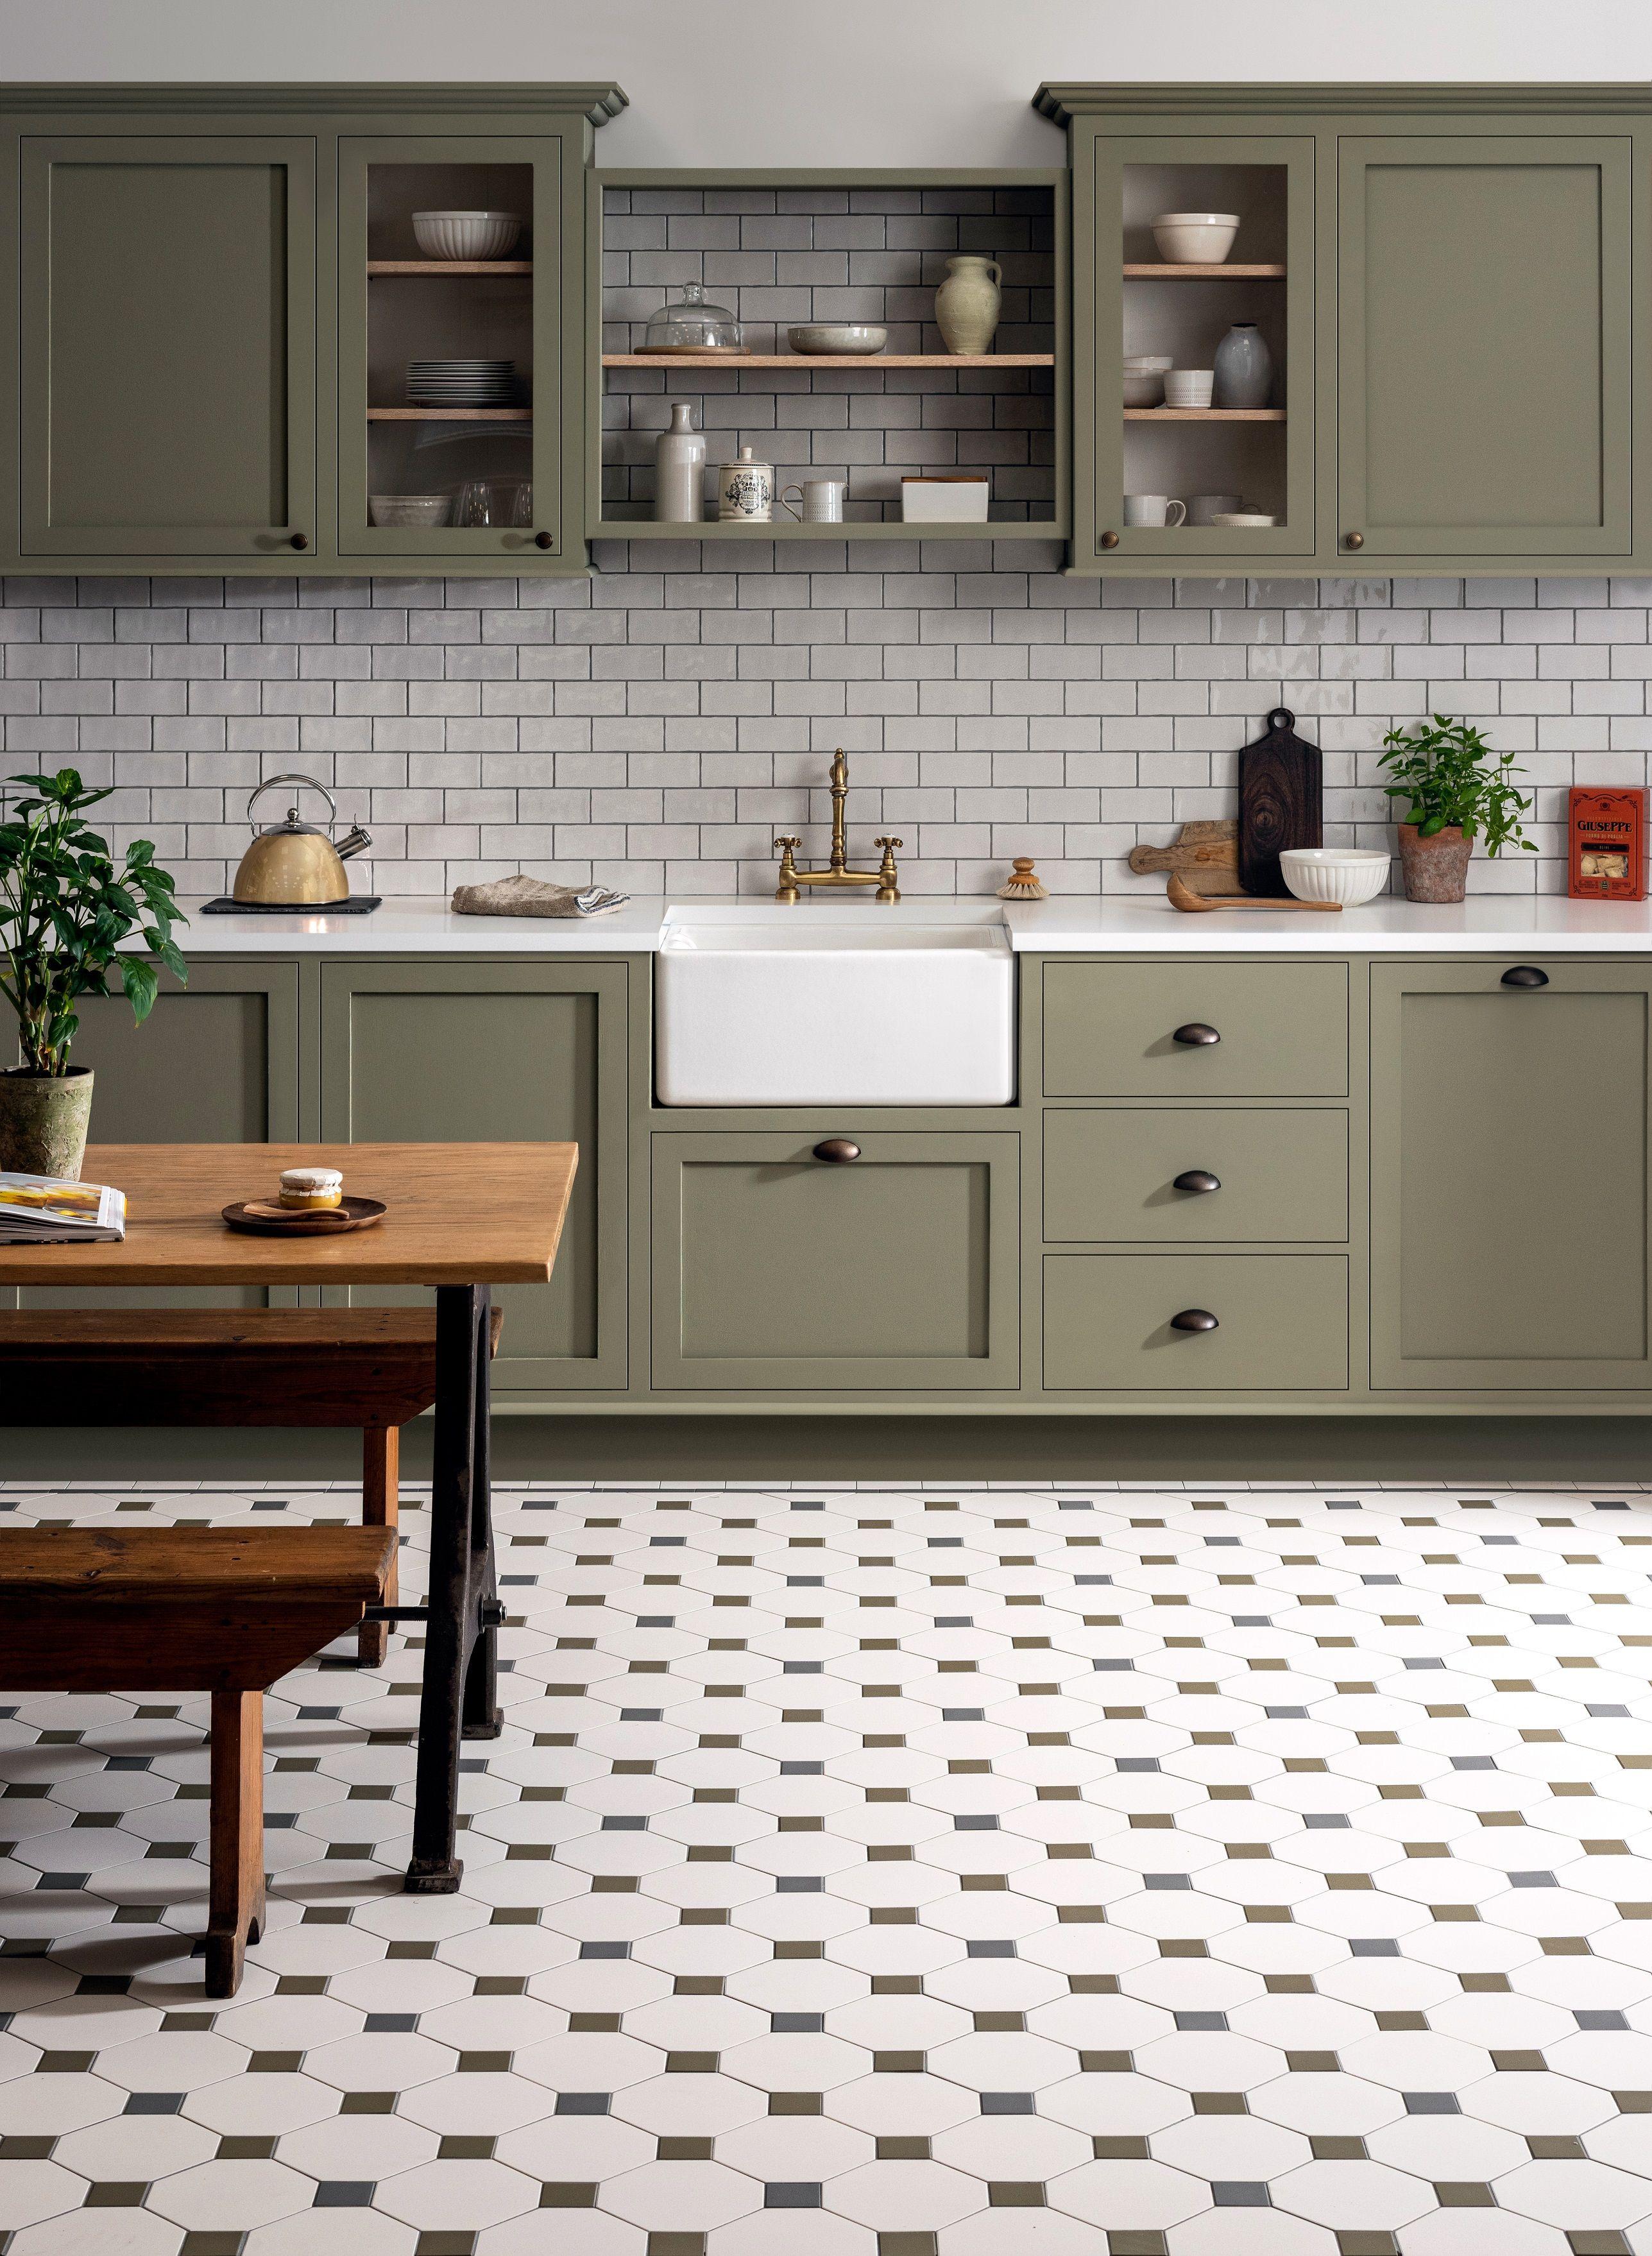 Victorian Floor Tiles Geometric Floor Tiles Kitchen Floor Tile Rustic Kitchen Victorian Kitchen